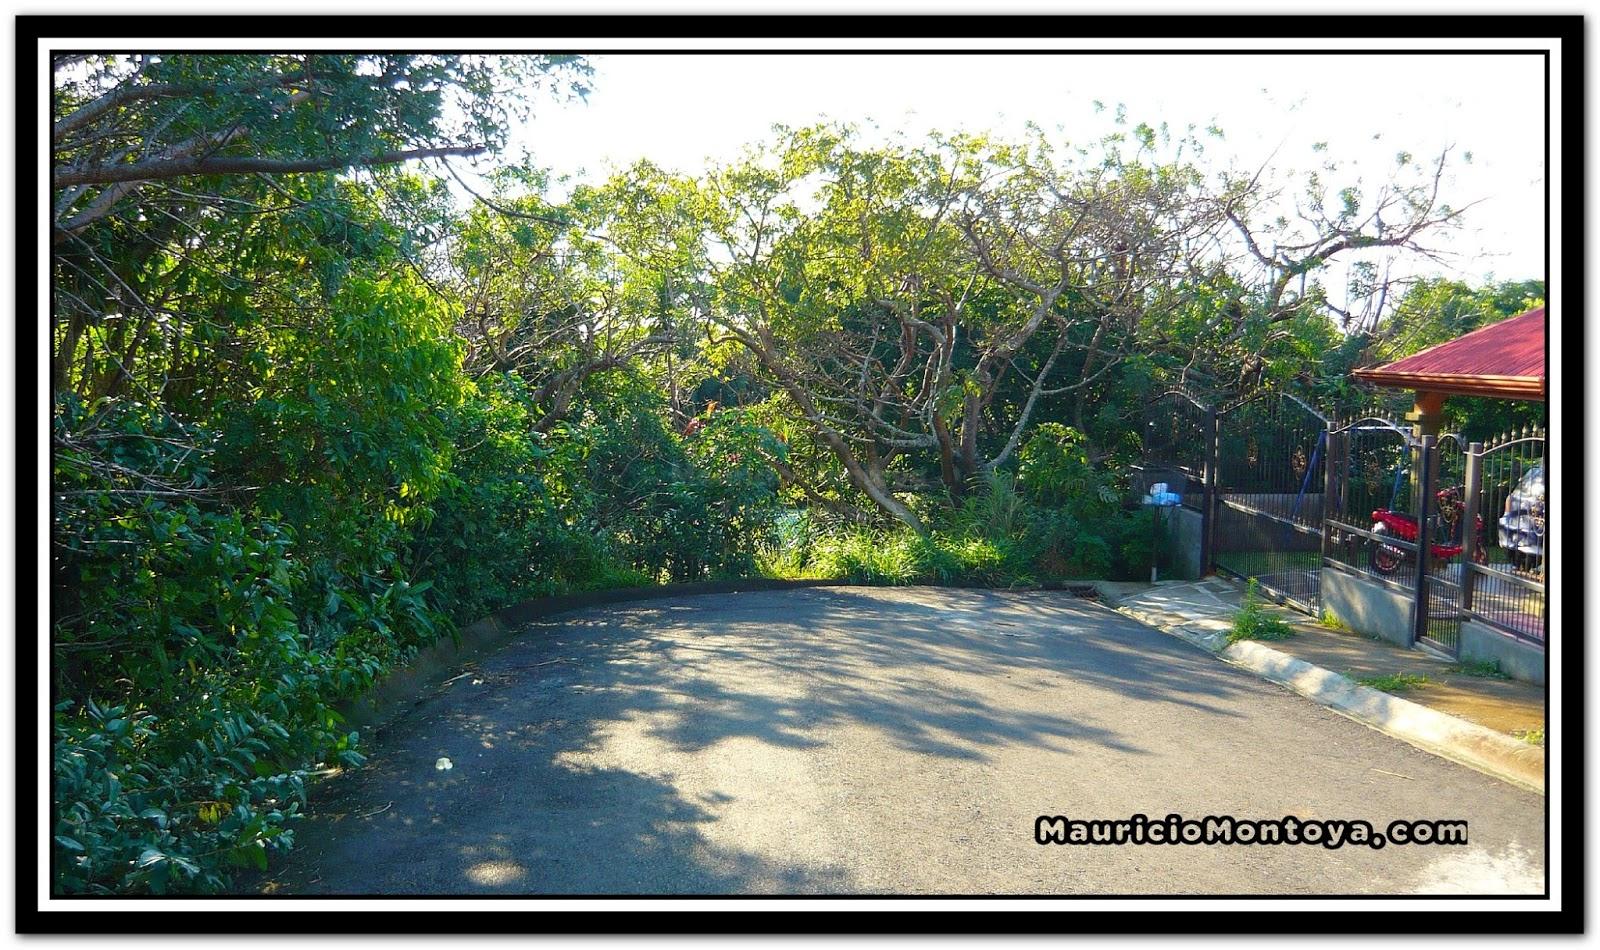 Calles De Tilarán Guanacaste